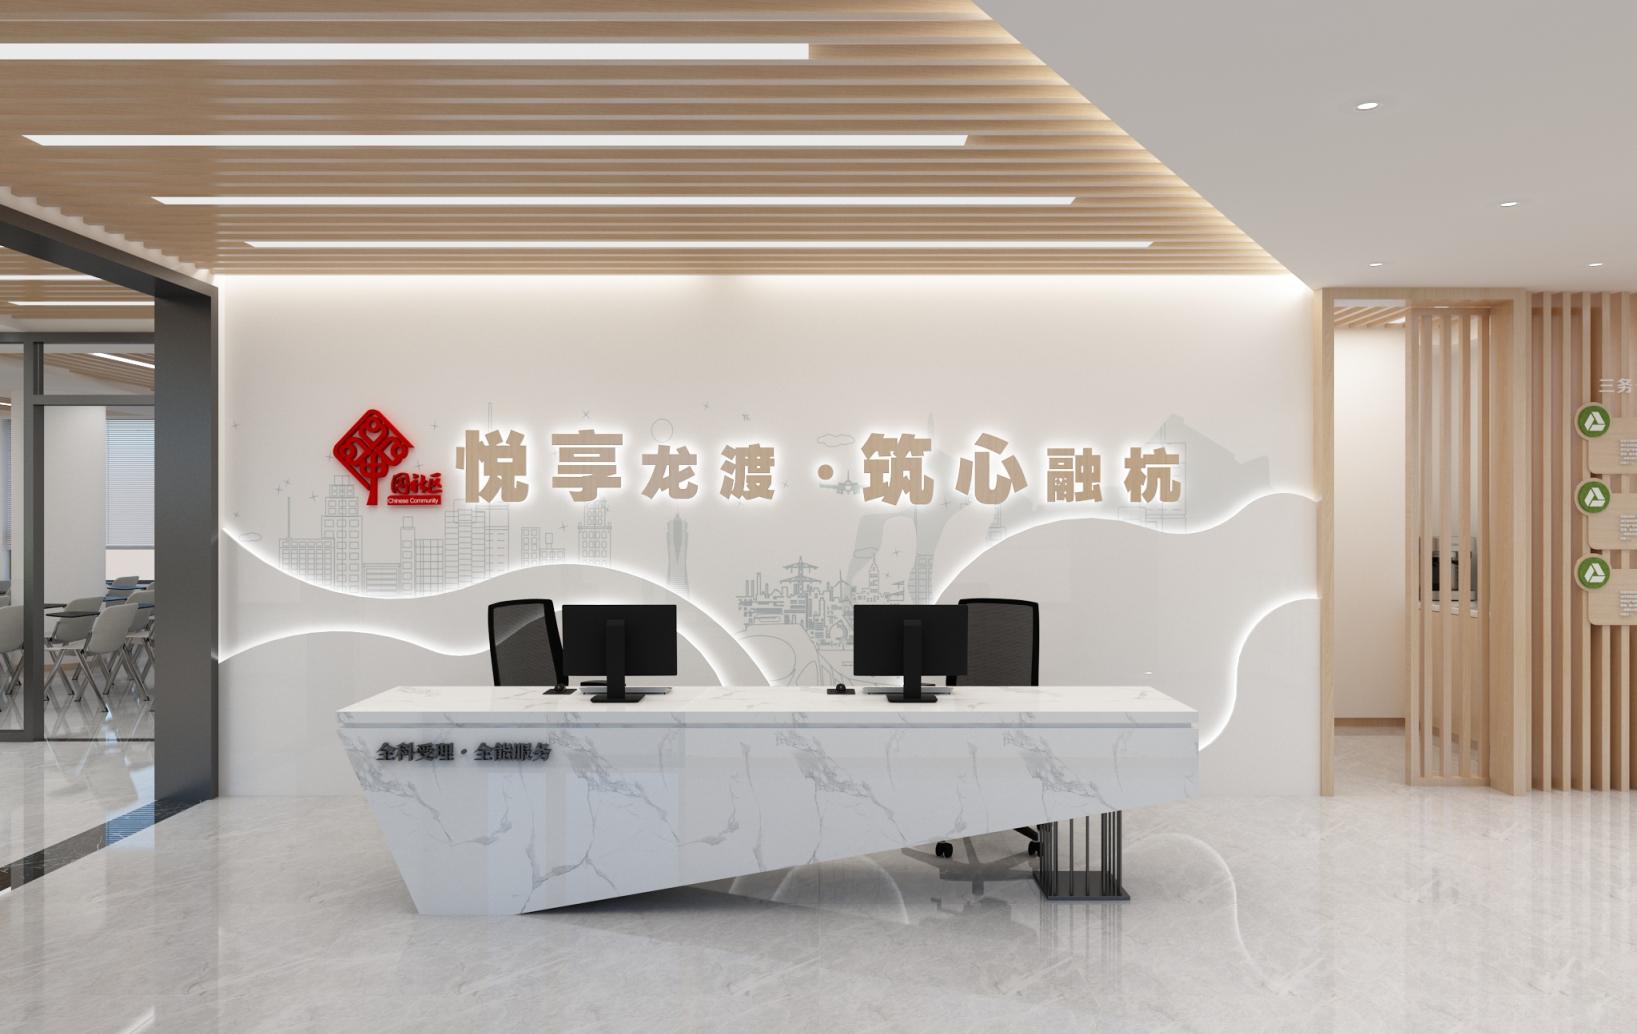 許村鎮龍渡社區黨 群服務中心